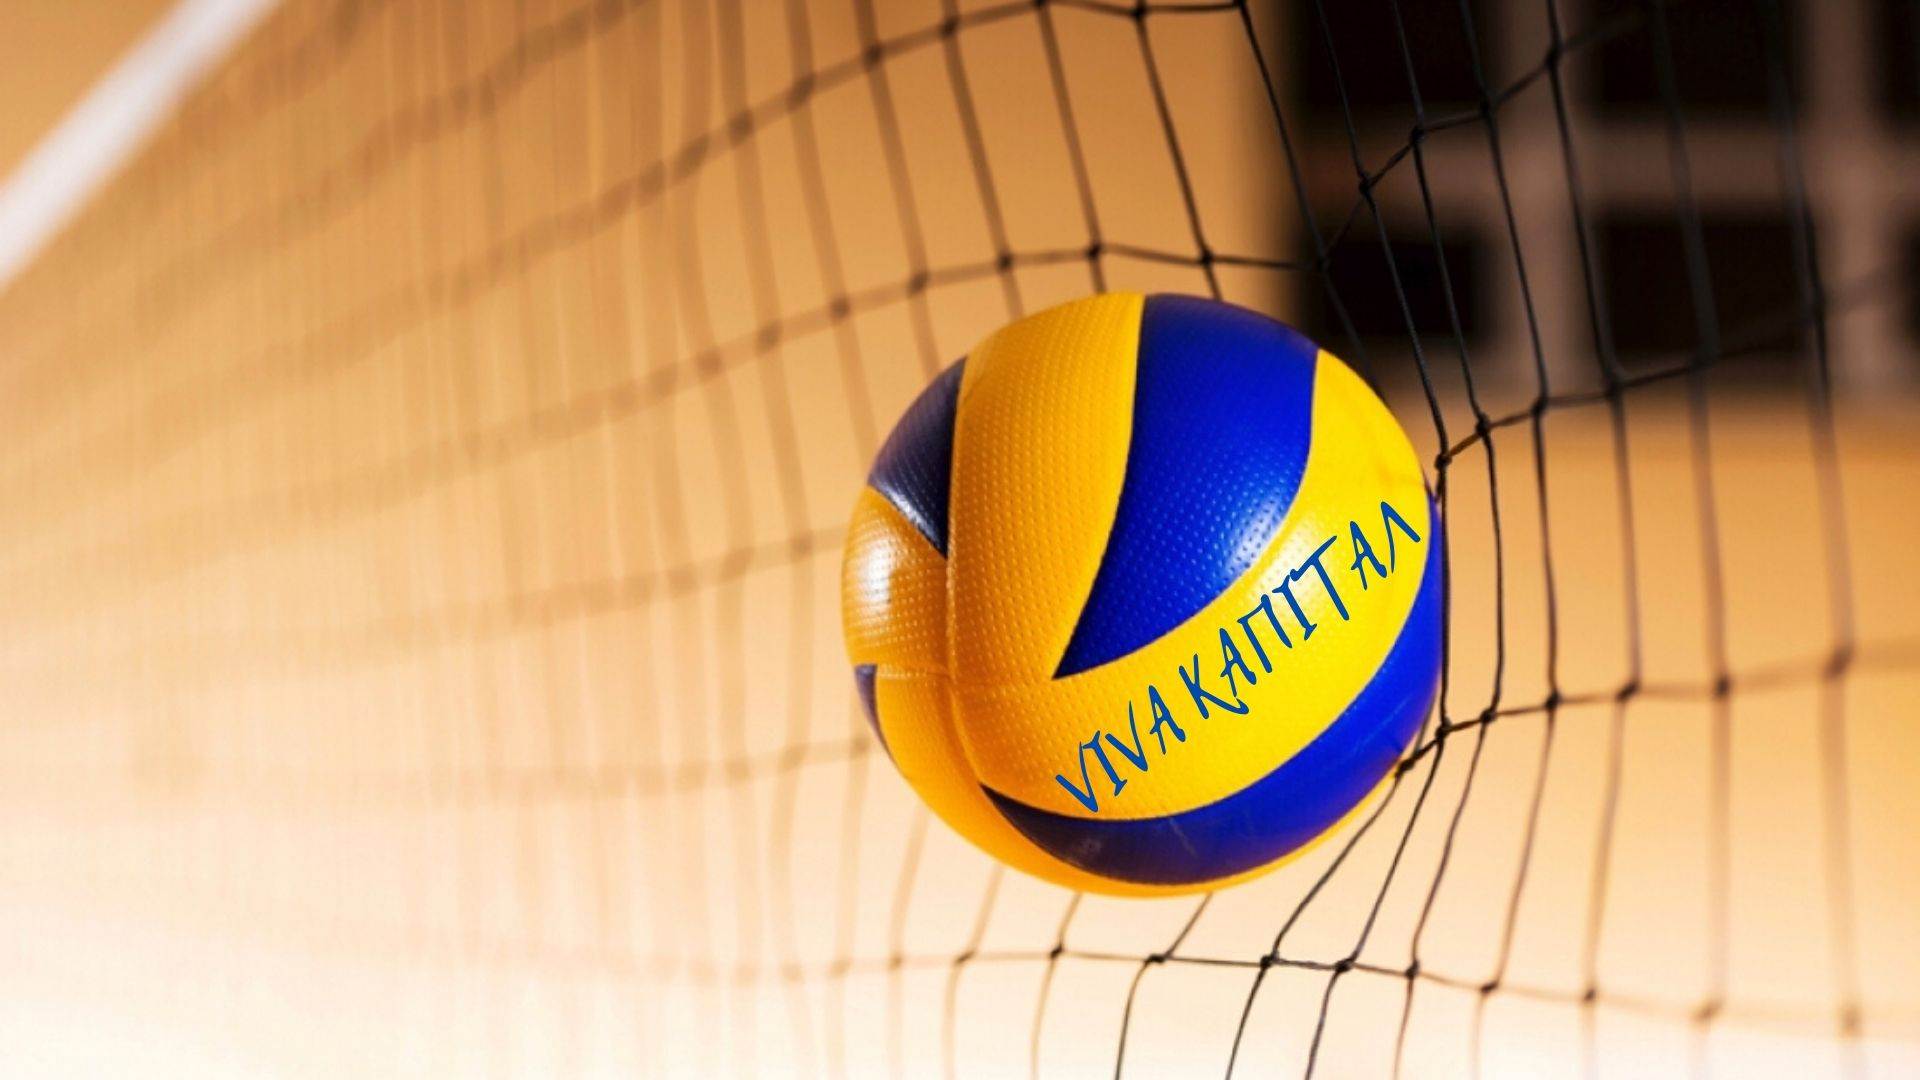 До уваги любителів волейболу! Ви ще встигаєте подати заявки на участь у Чемпіонаті!